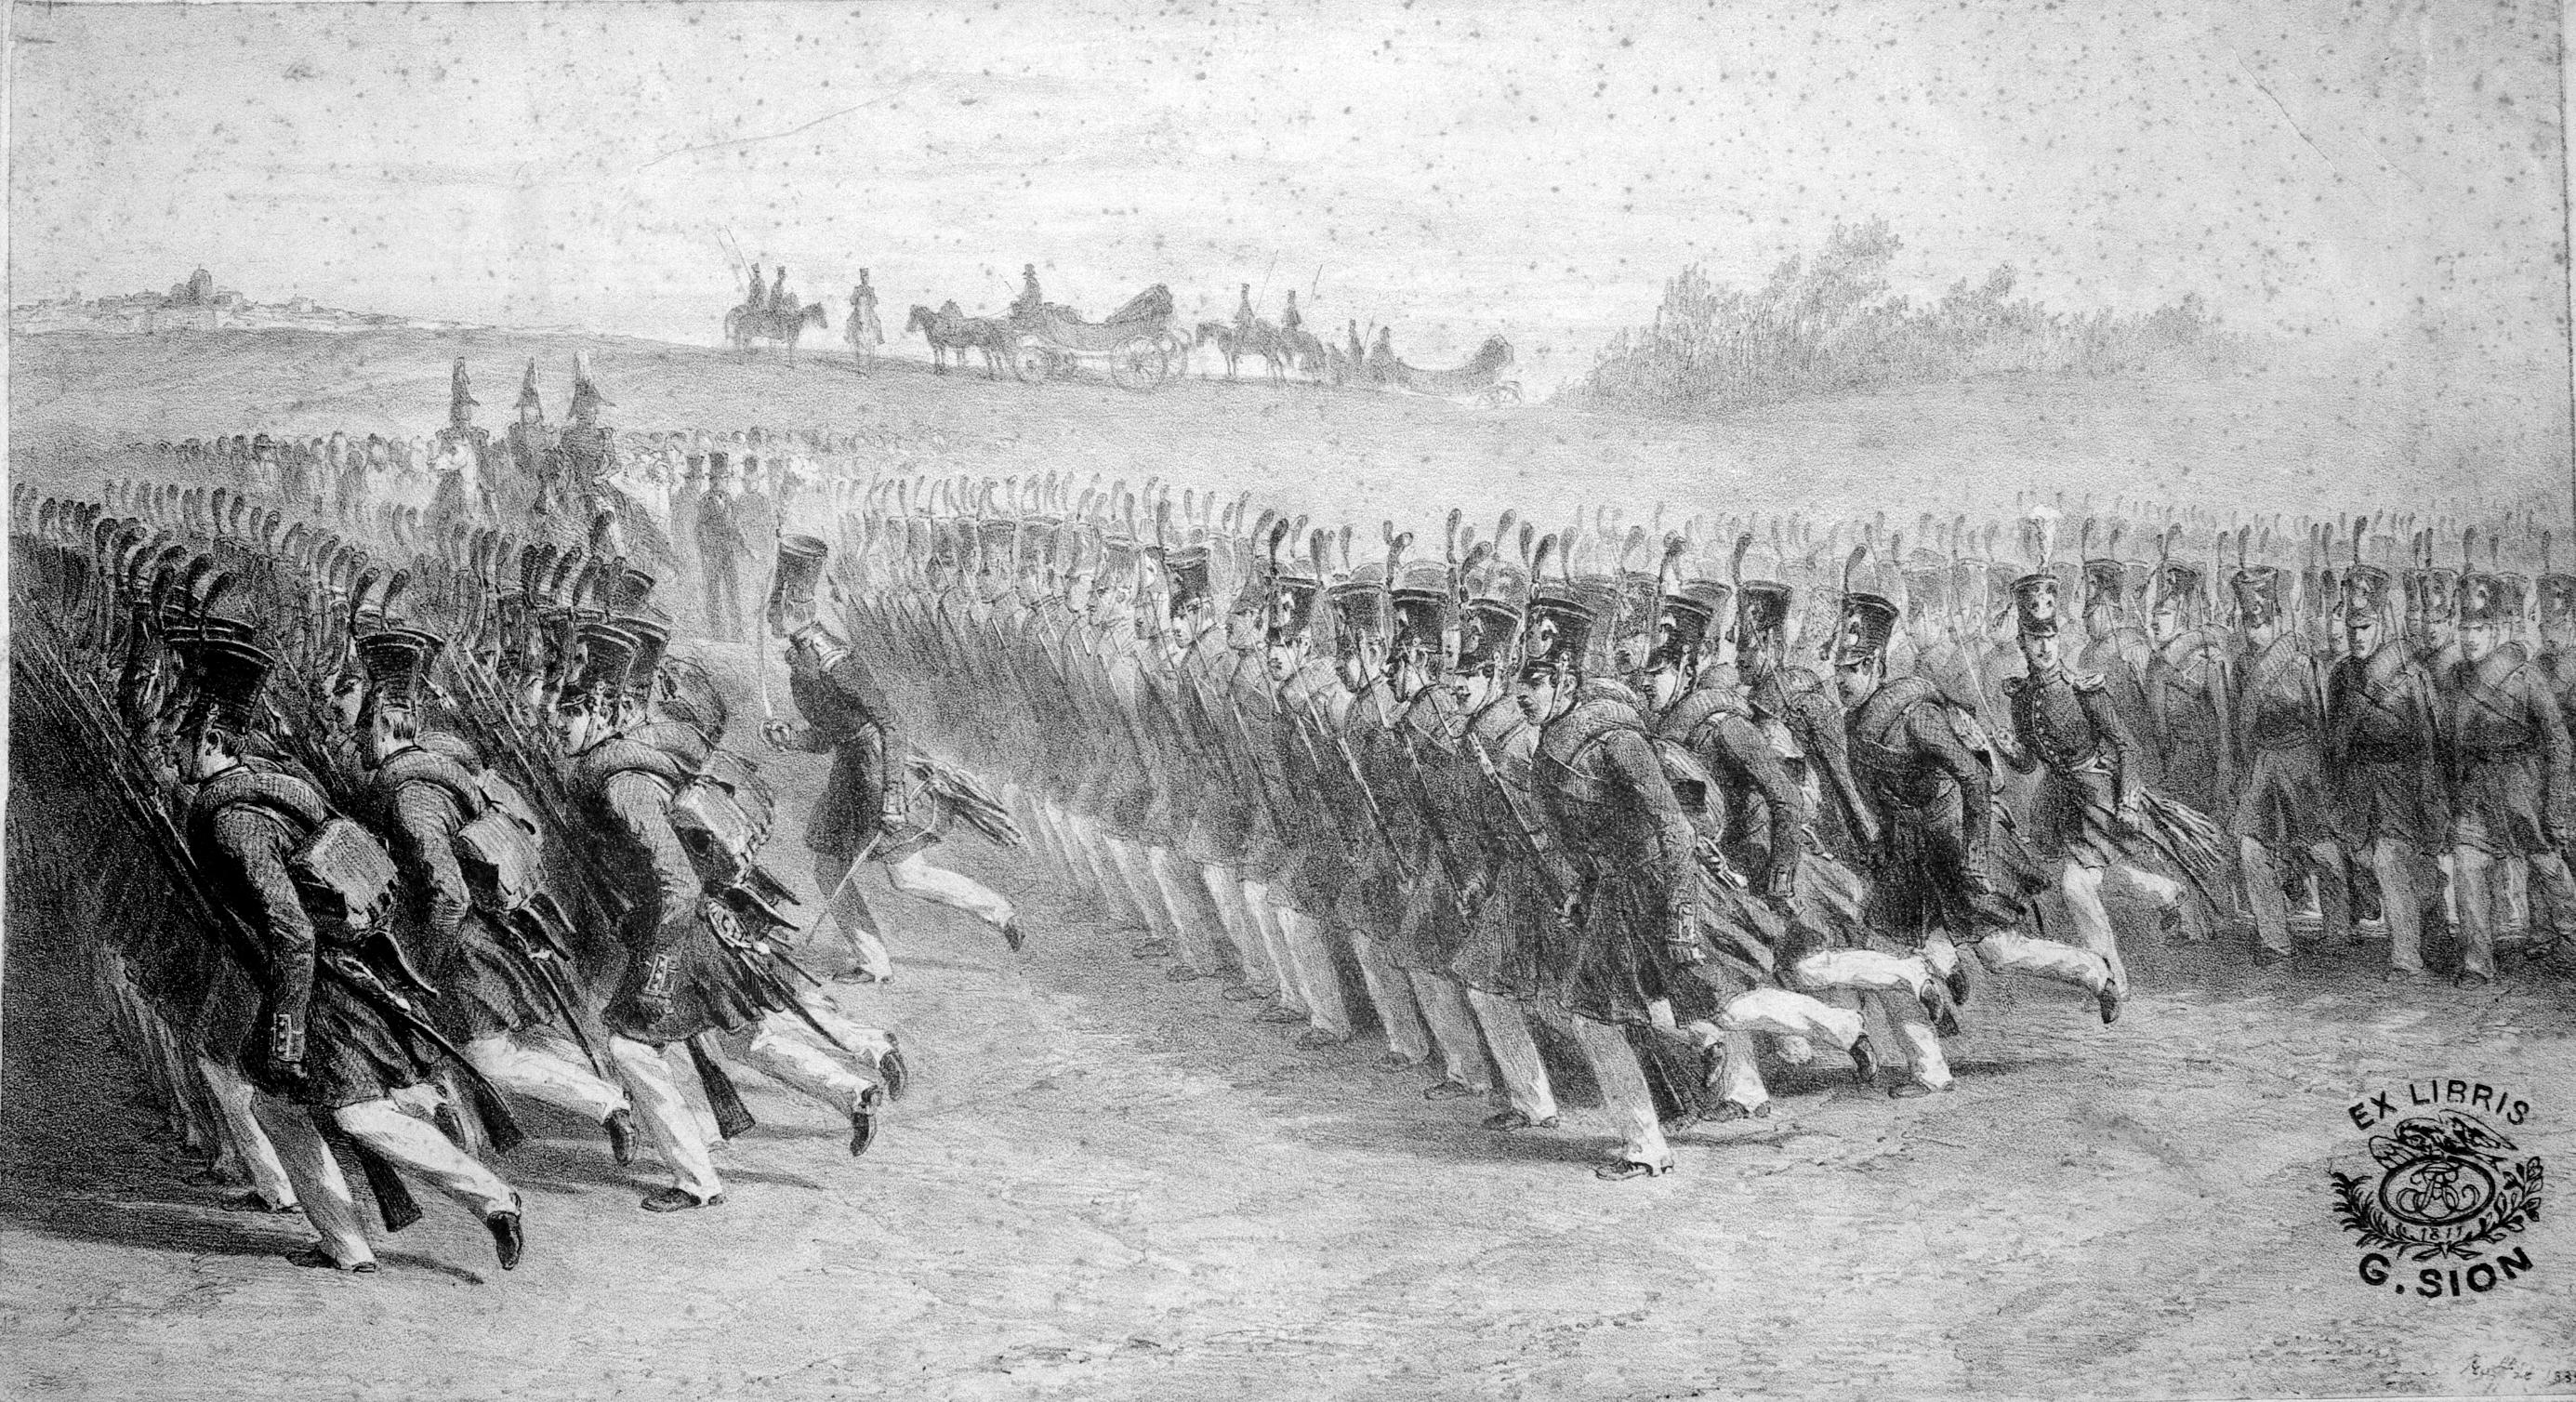 Fişier:Wallachian infantery marching, 1837.jpg